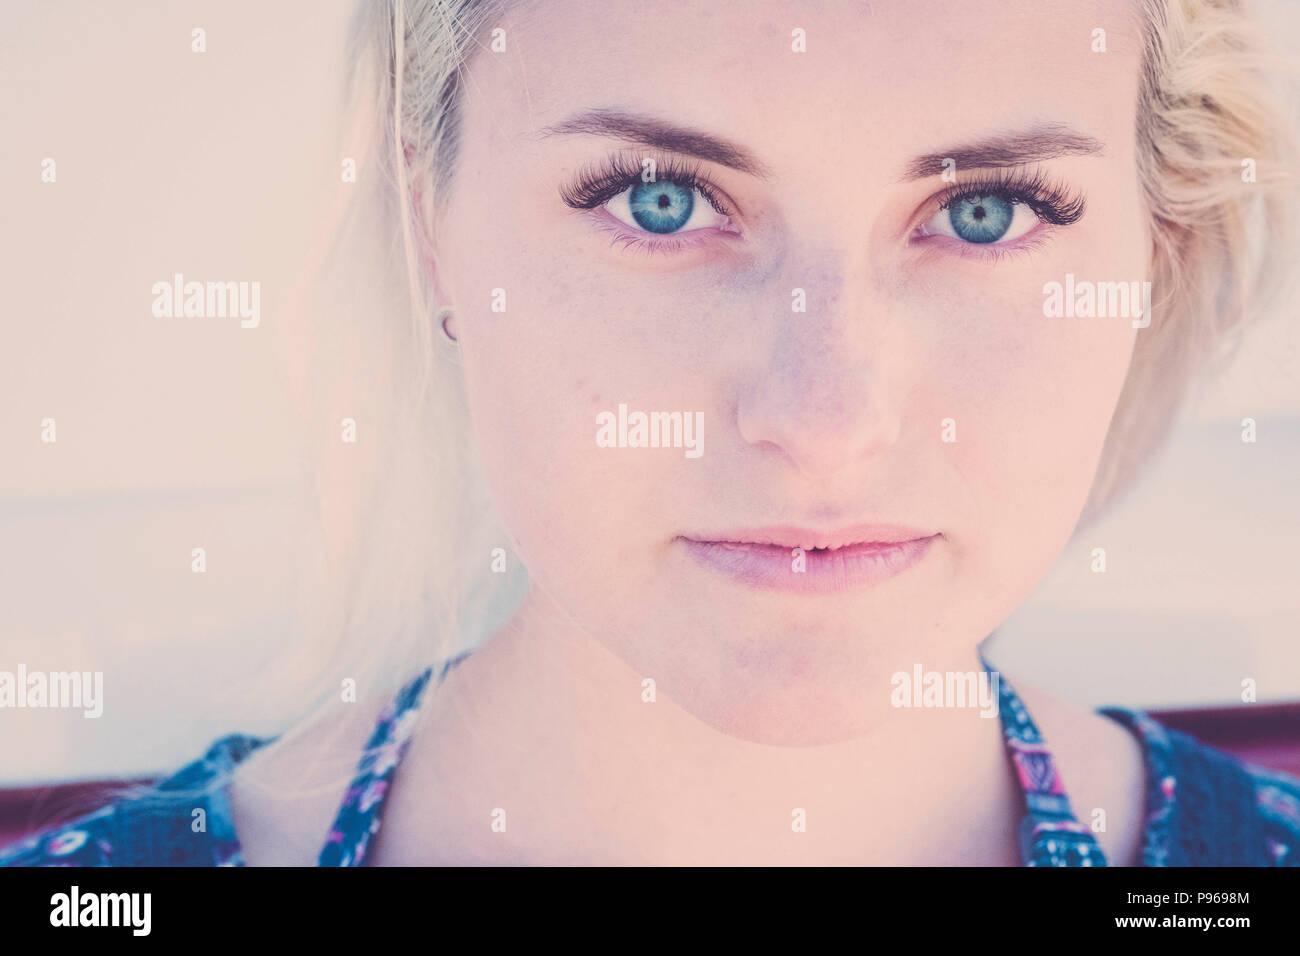 Ritratto sfocati con focus sull'occhio limpido di una bella russina caucasica ragazza giovane modello di sedersi e guardare a voi sulla fotocamera. piccolo sorriso relax Foto Stock